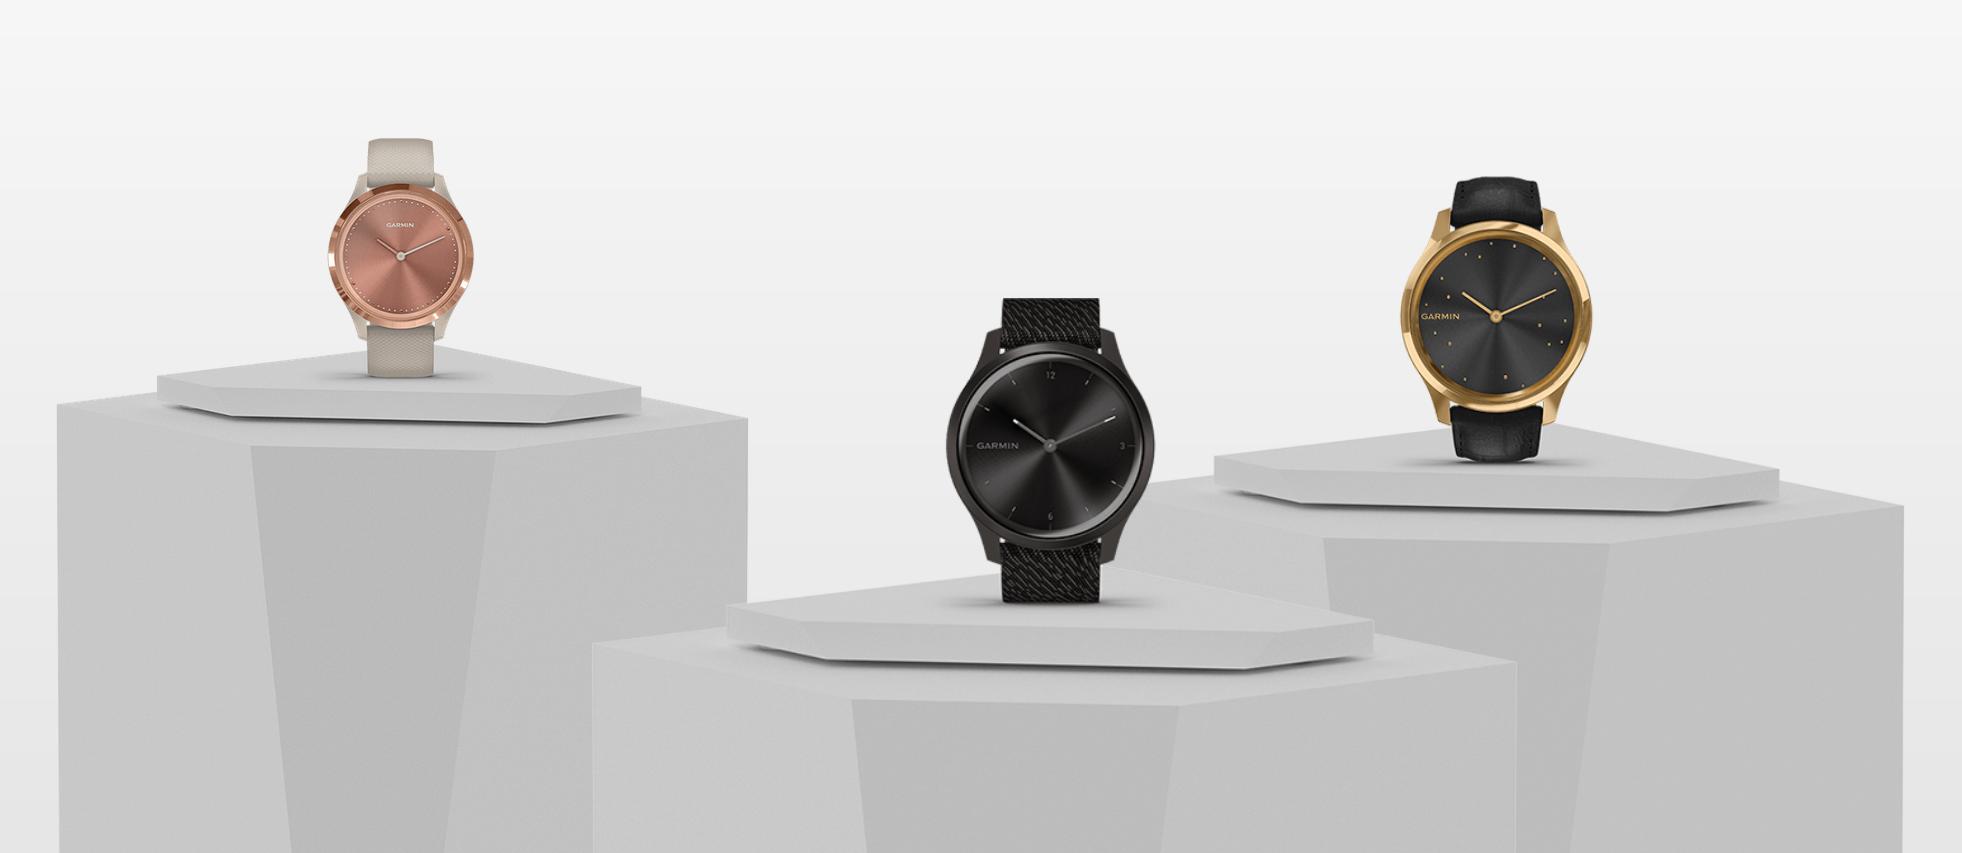 Jak vybrat elegantní a současně sportovní chytré hodinky pro ženy?